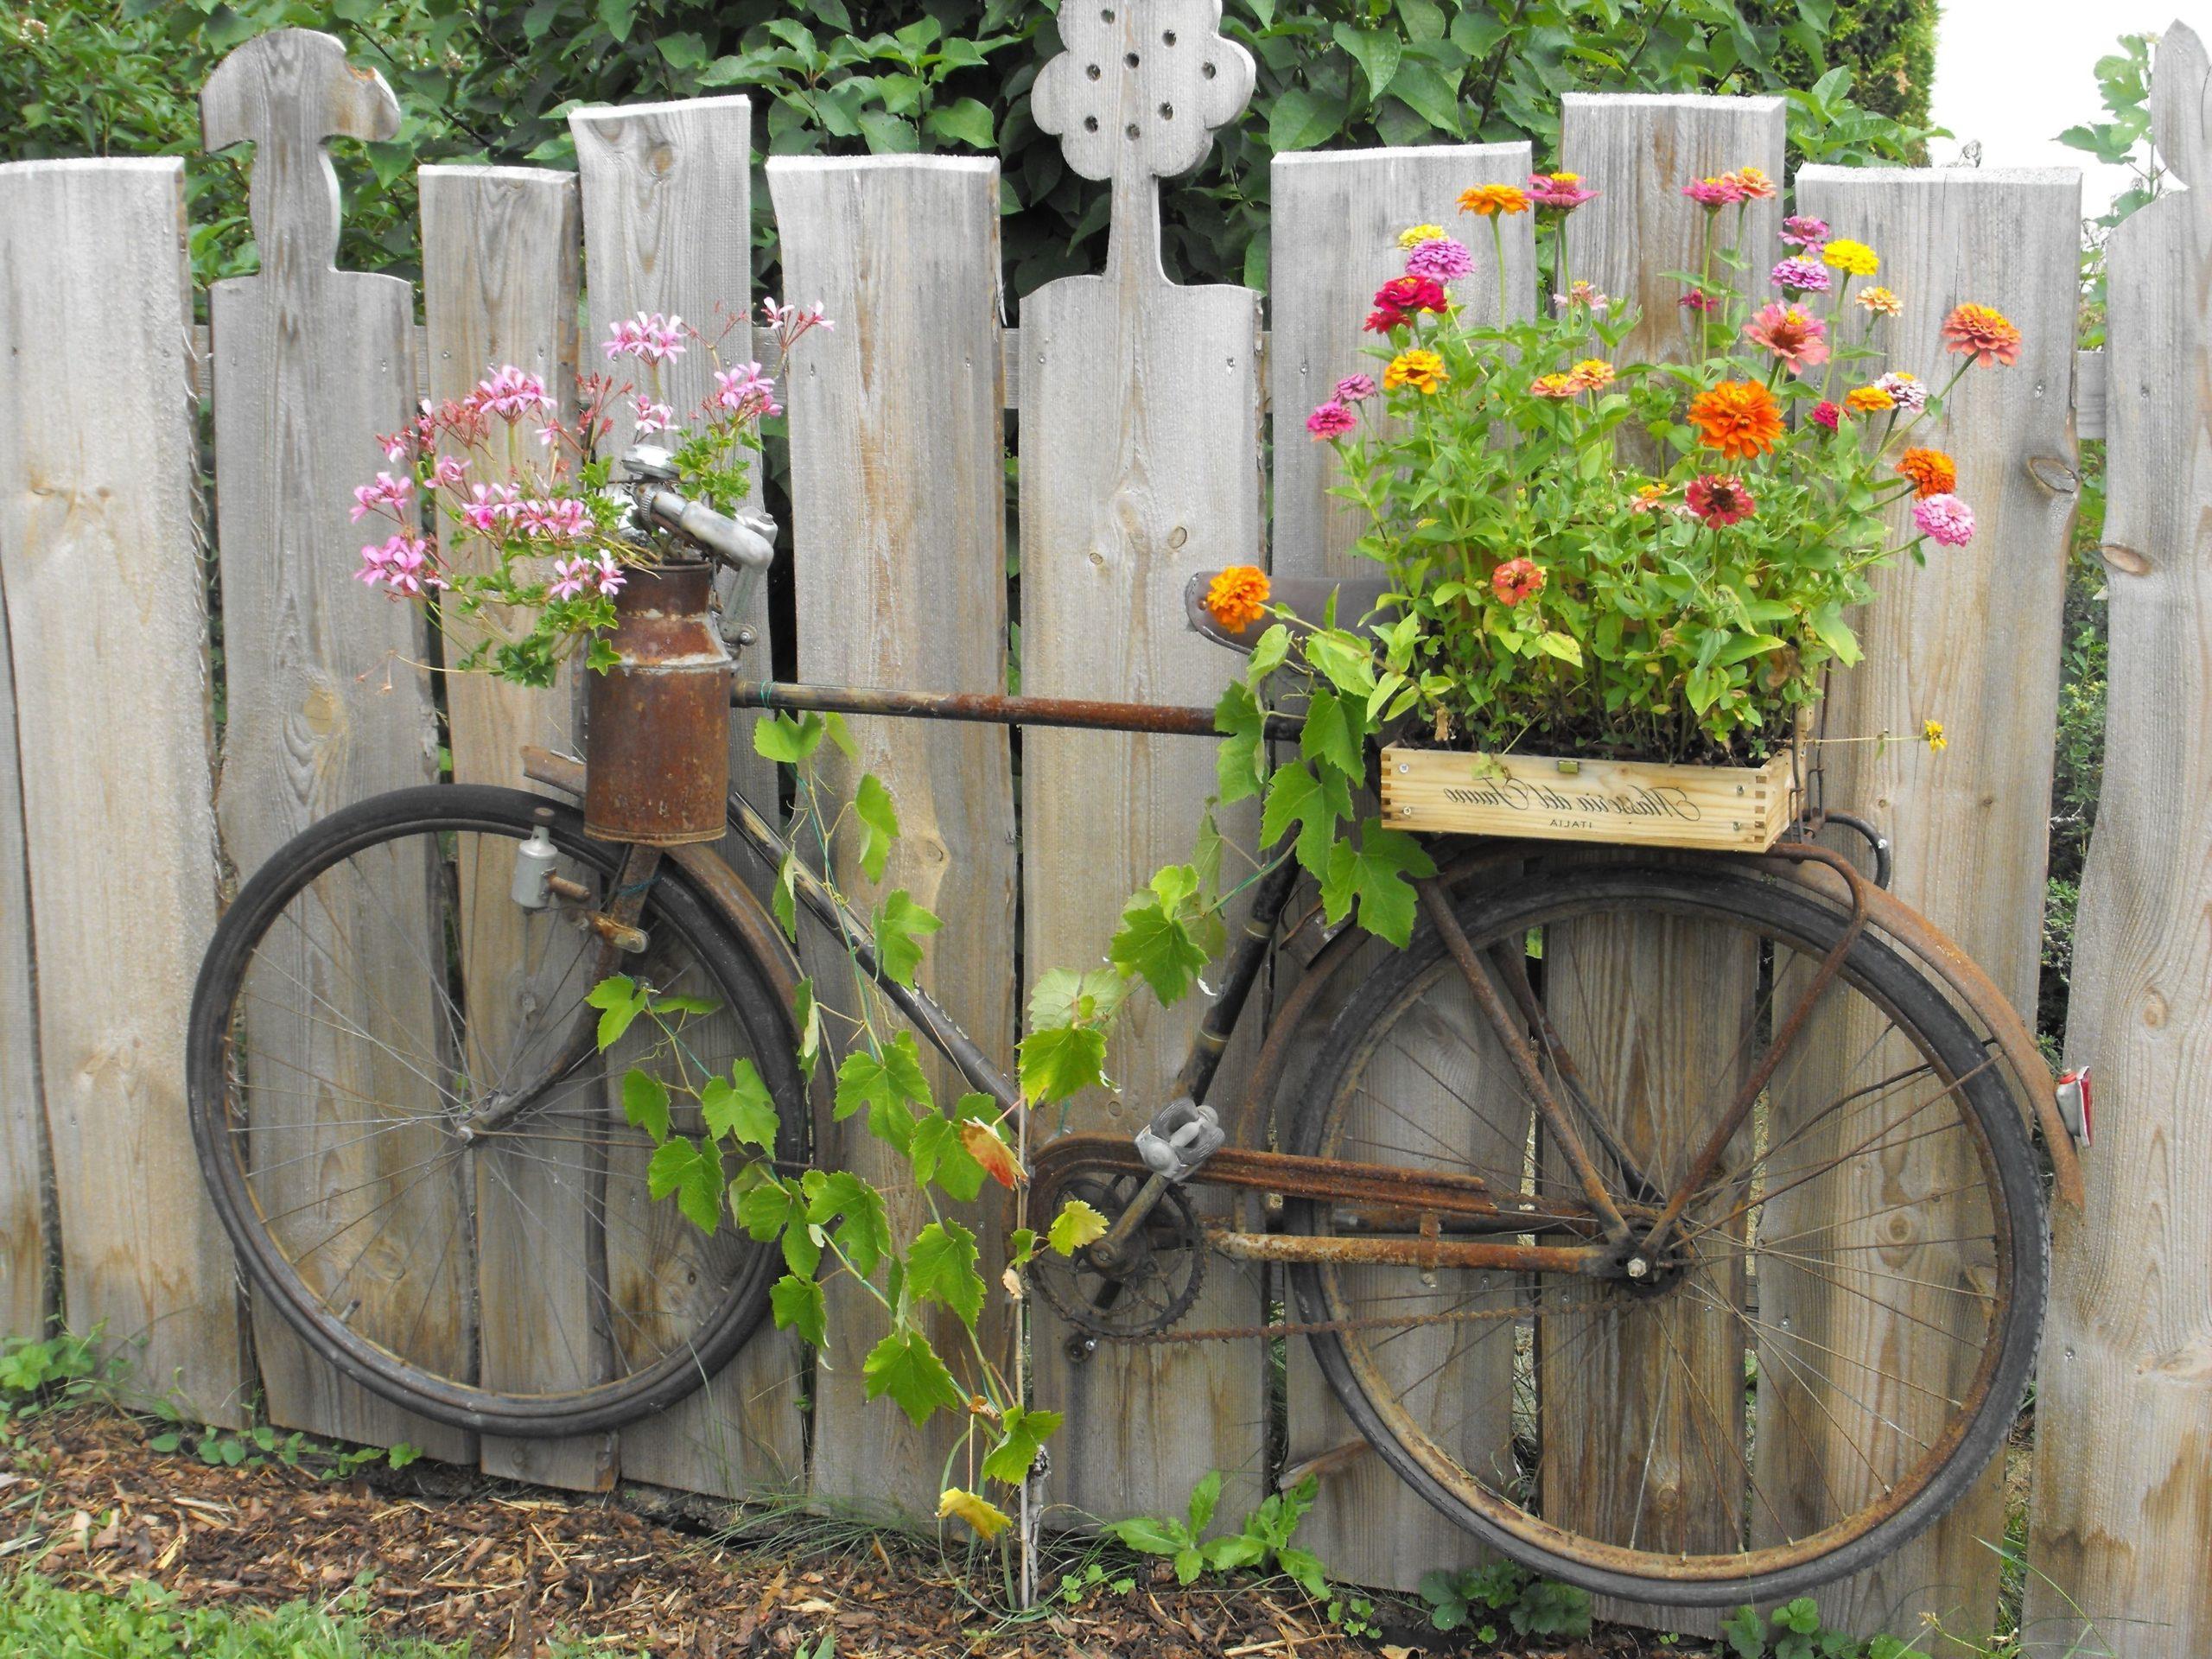 Bricolage pour jardin: Transformez votre vieux vélo en quelque chose de spécial.